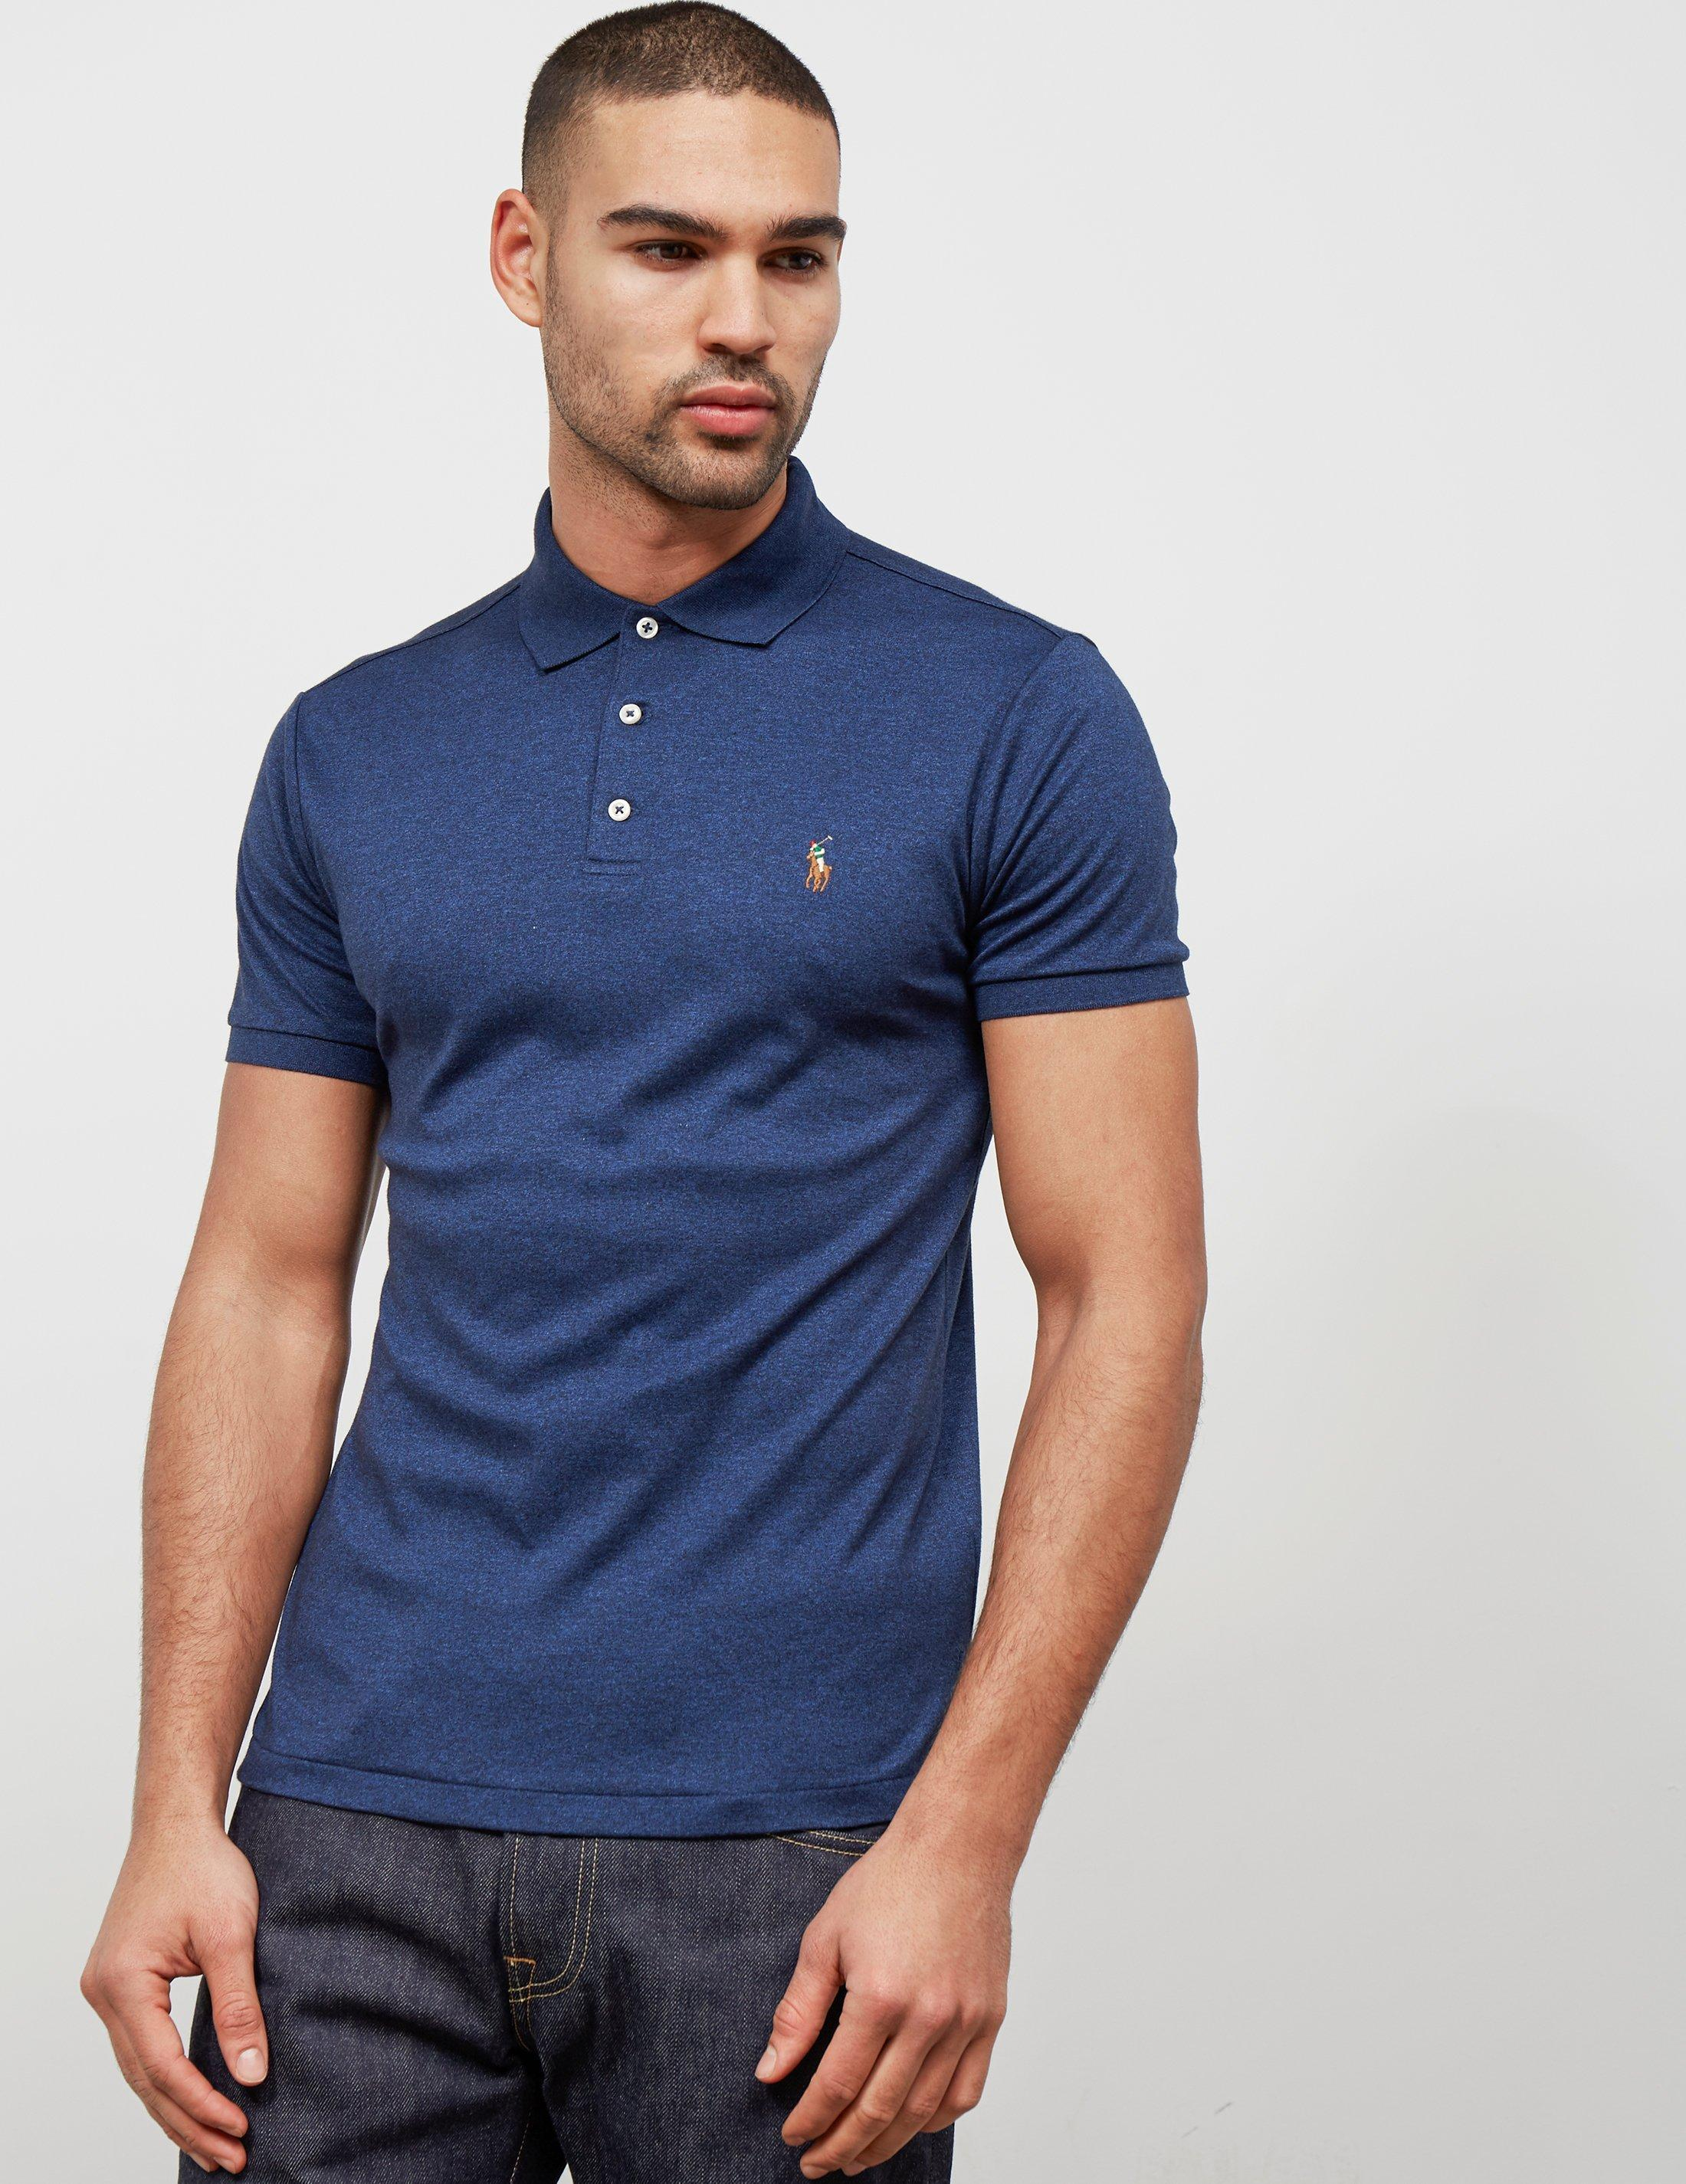 8400e4c8 Lyst - Polo Ralph Lauren Short Sleeve Polo Navy Blue in Blue for Men